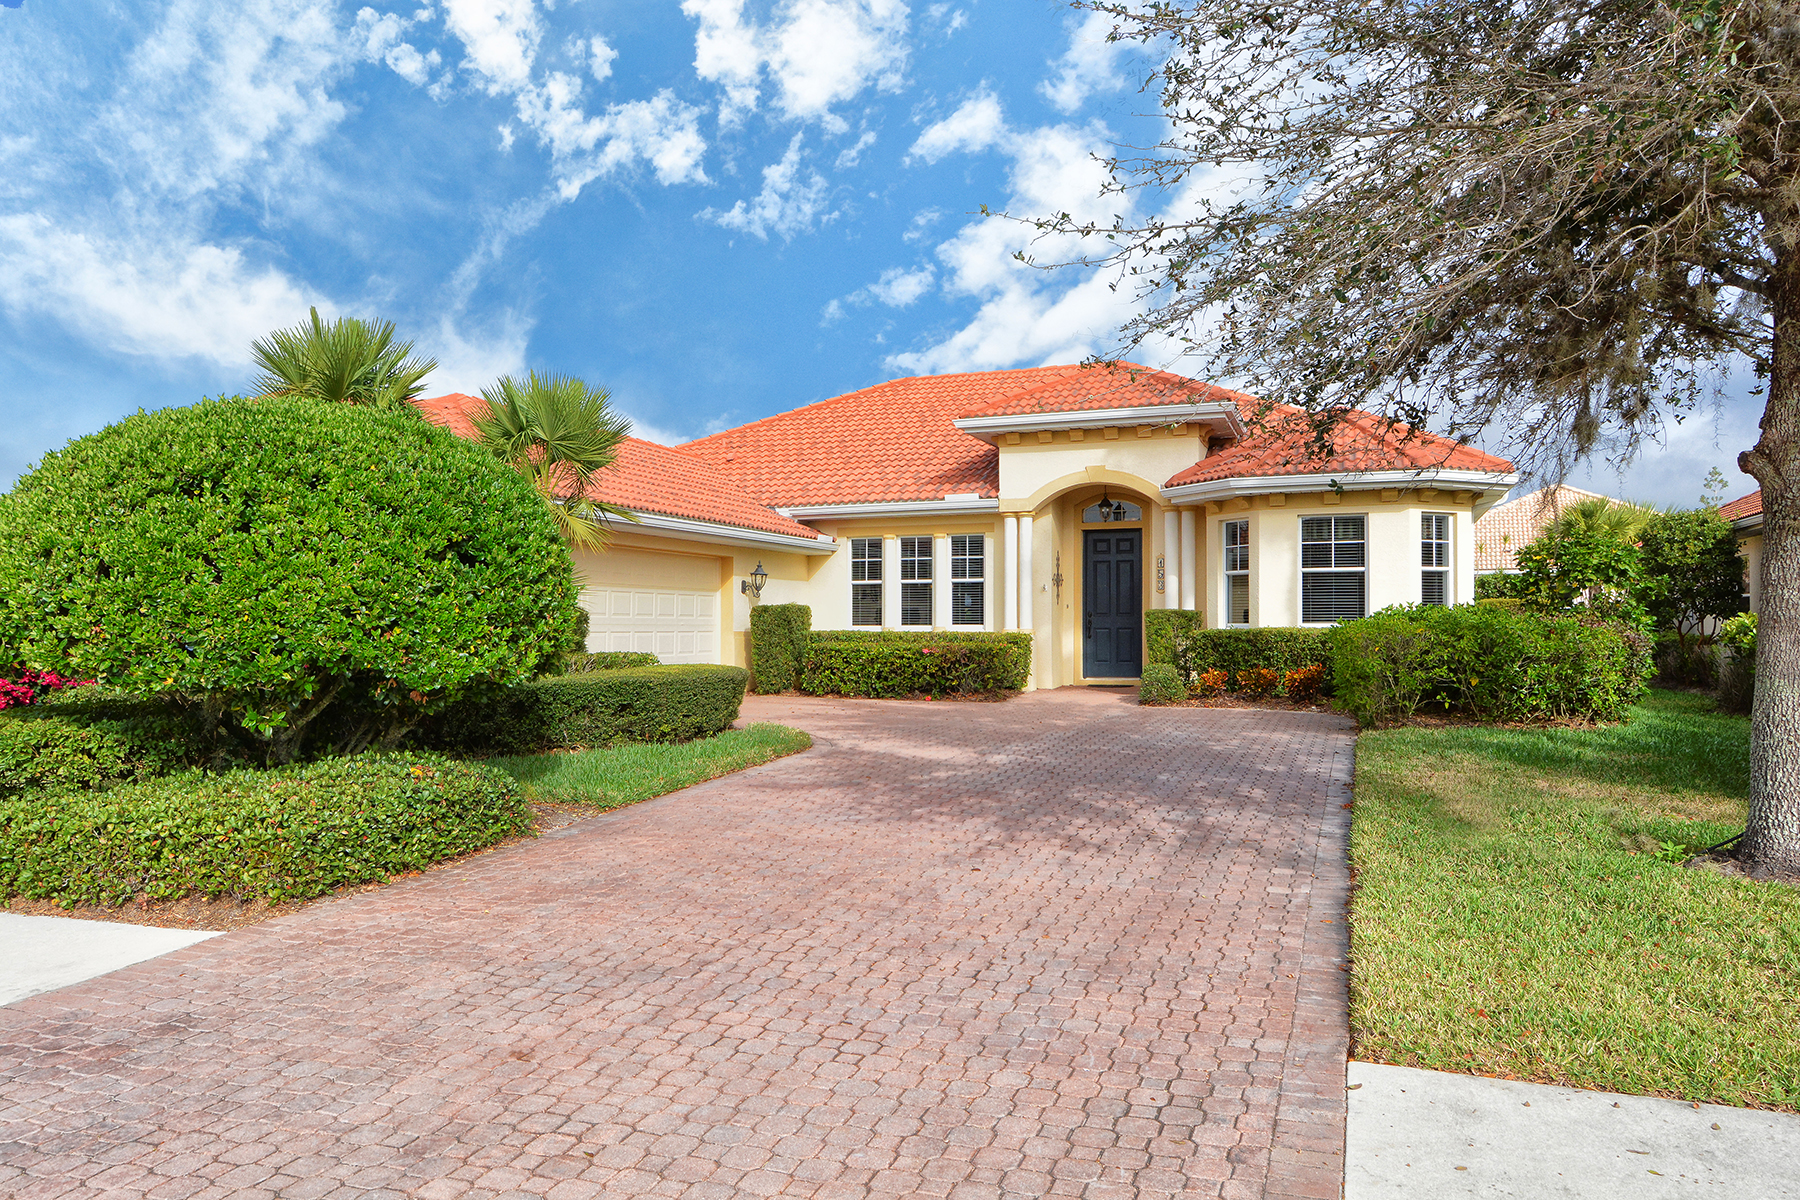 Casa para uma família para Venda às VENETIAN GOLF & RIVER CLUB 153 Medici Terr North Venice, Florida, 34275 Estados Unidos